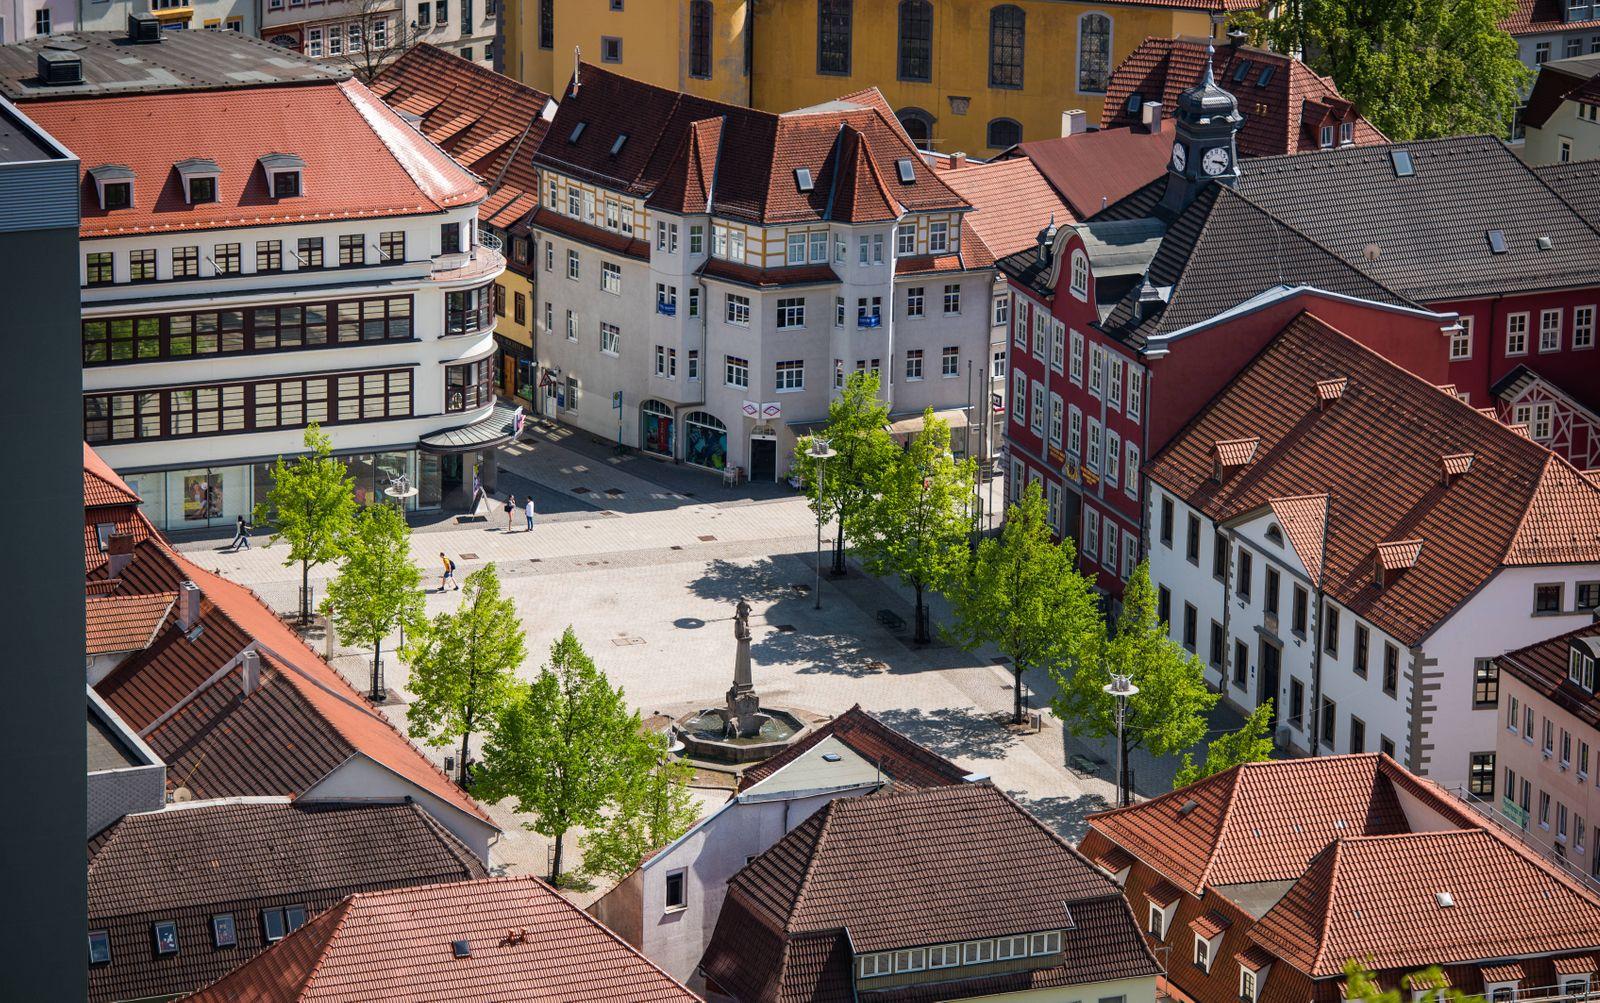 Suhl 110516 Suhl Stadt im Thüringer Wald Im Bild Das Suhler Rathaus mit Waffenschmied Denkmal